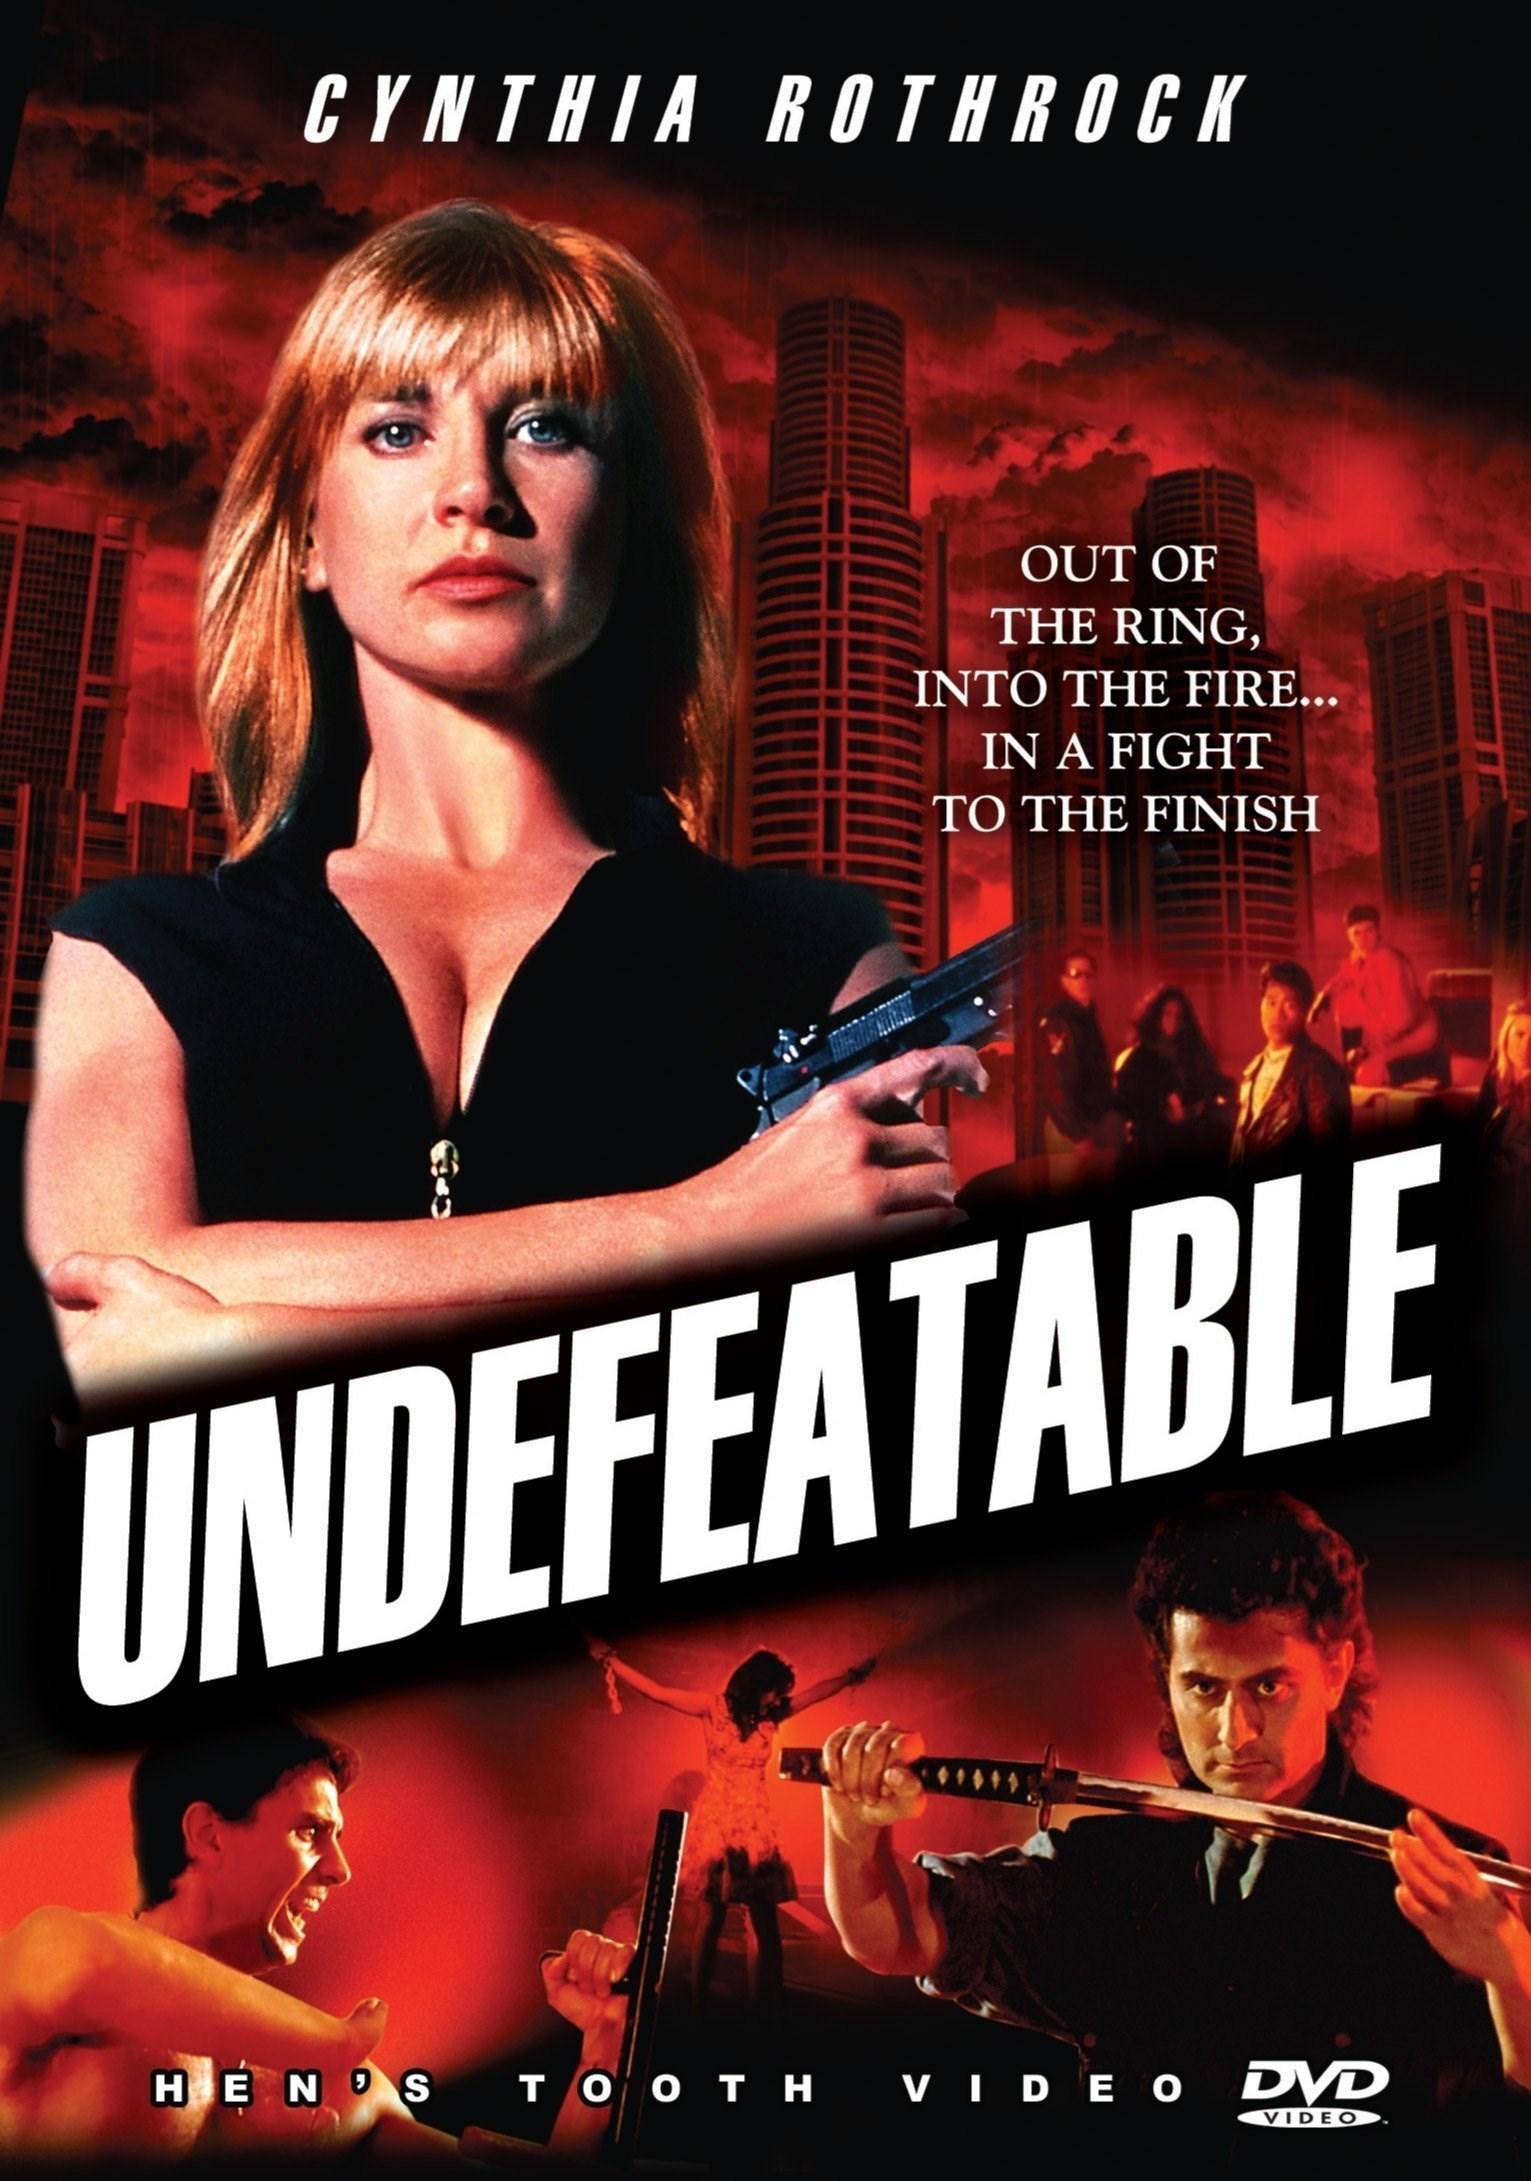 Undefeatable_1993